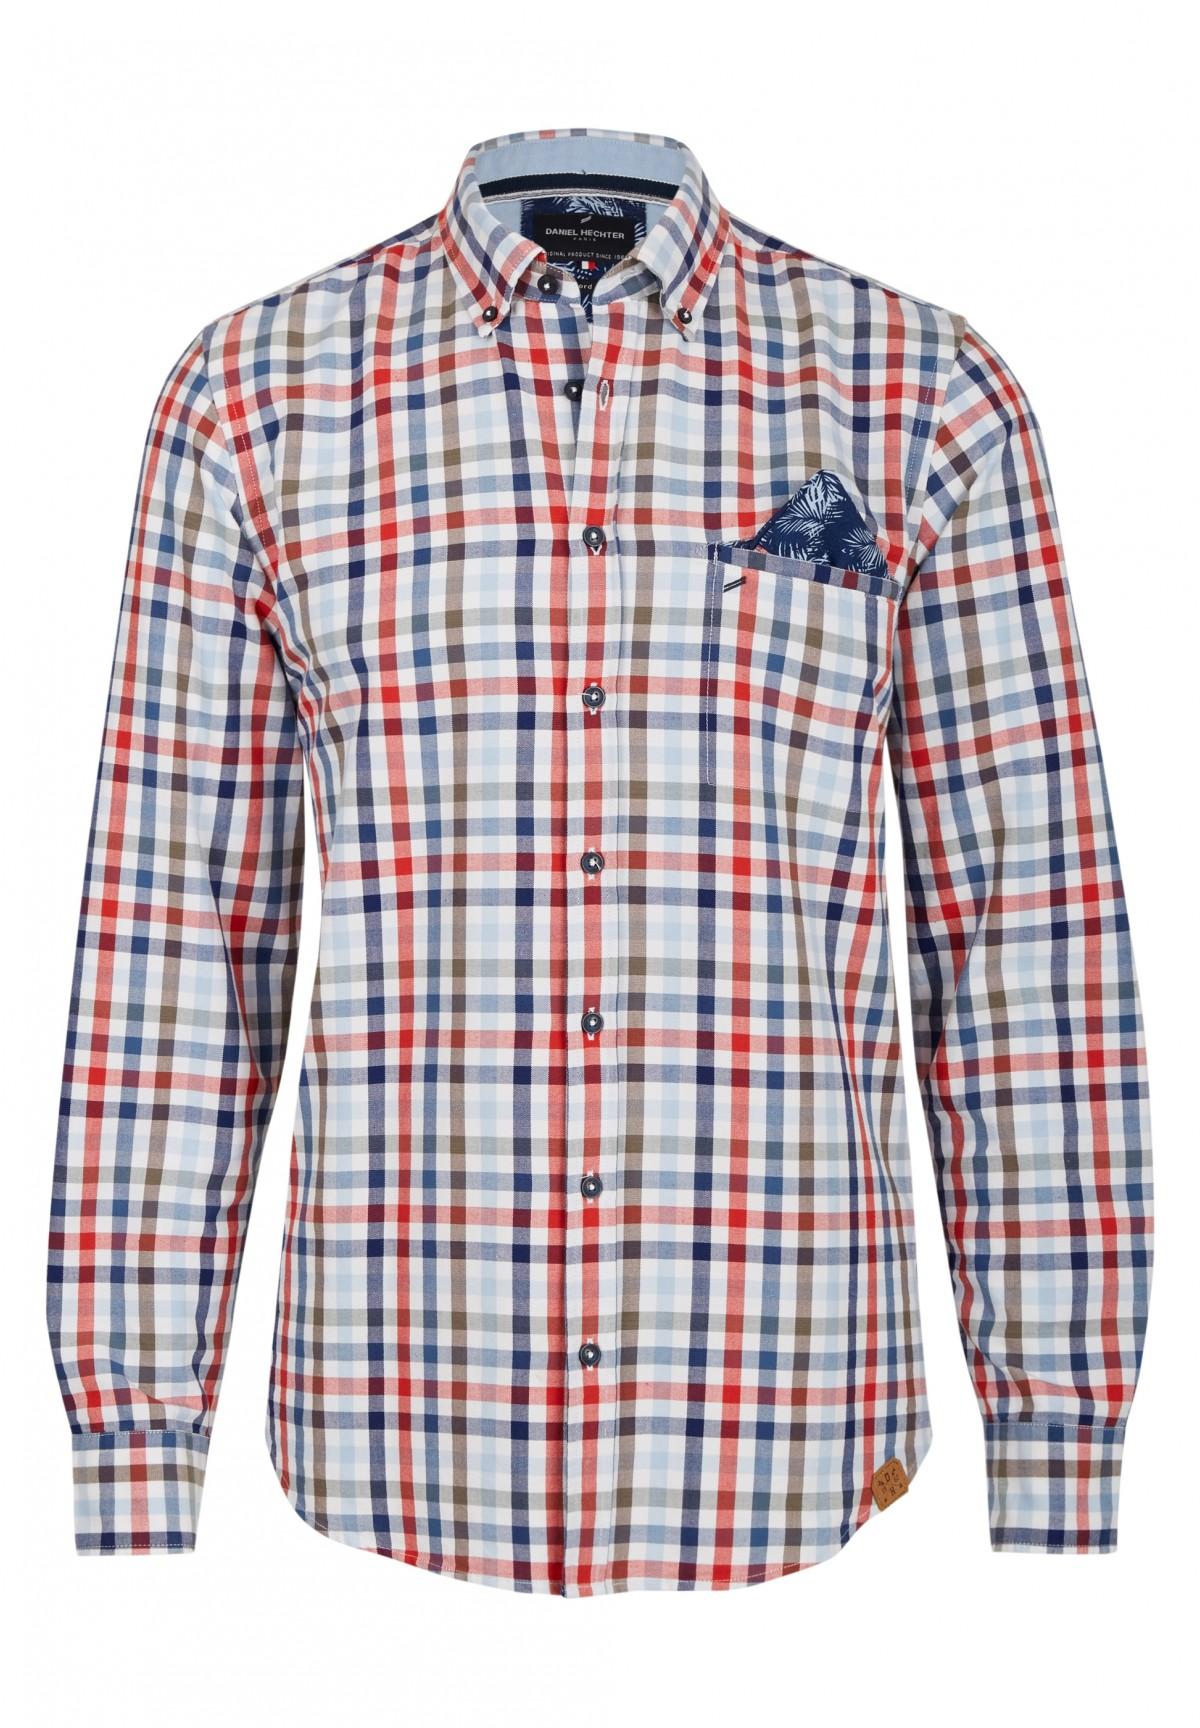 Freizeit-Hemd mit Karo-Muster / Freizeit-Hemd mit Karo-Muster